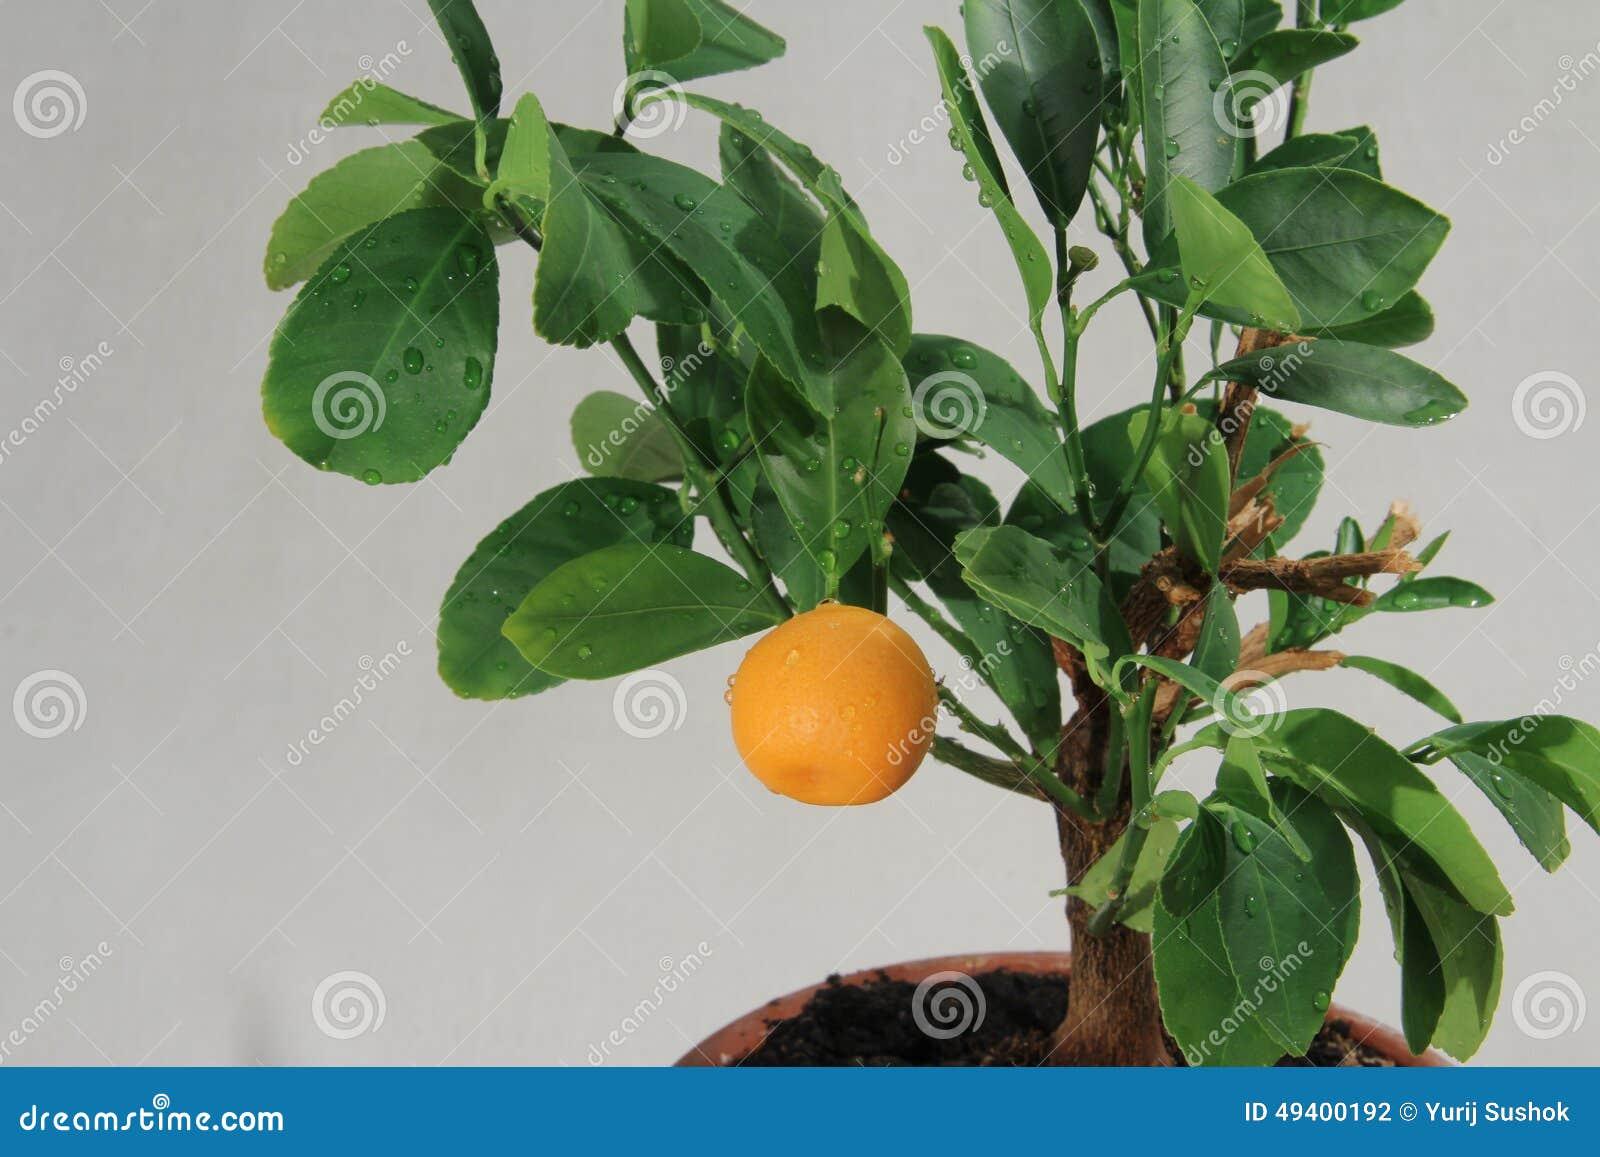 Download Tangerinebaum stockfoto. Bild von bild, italienisch, dekorativ - 49400192